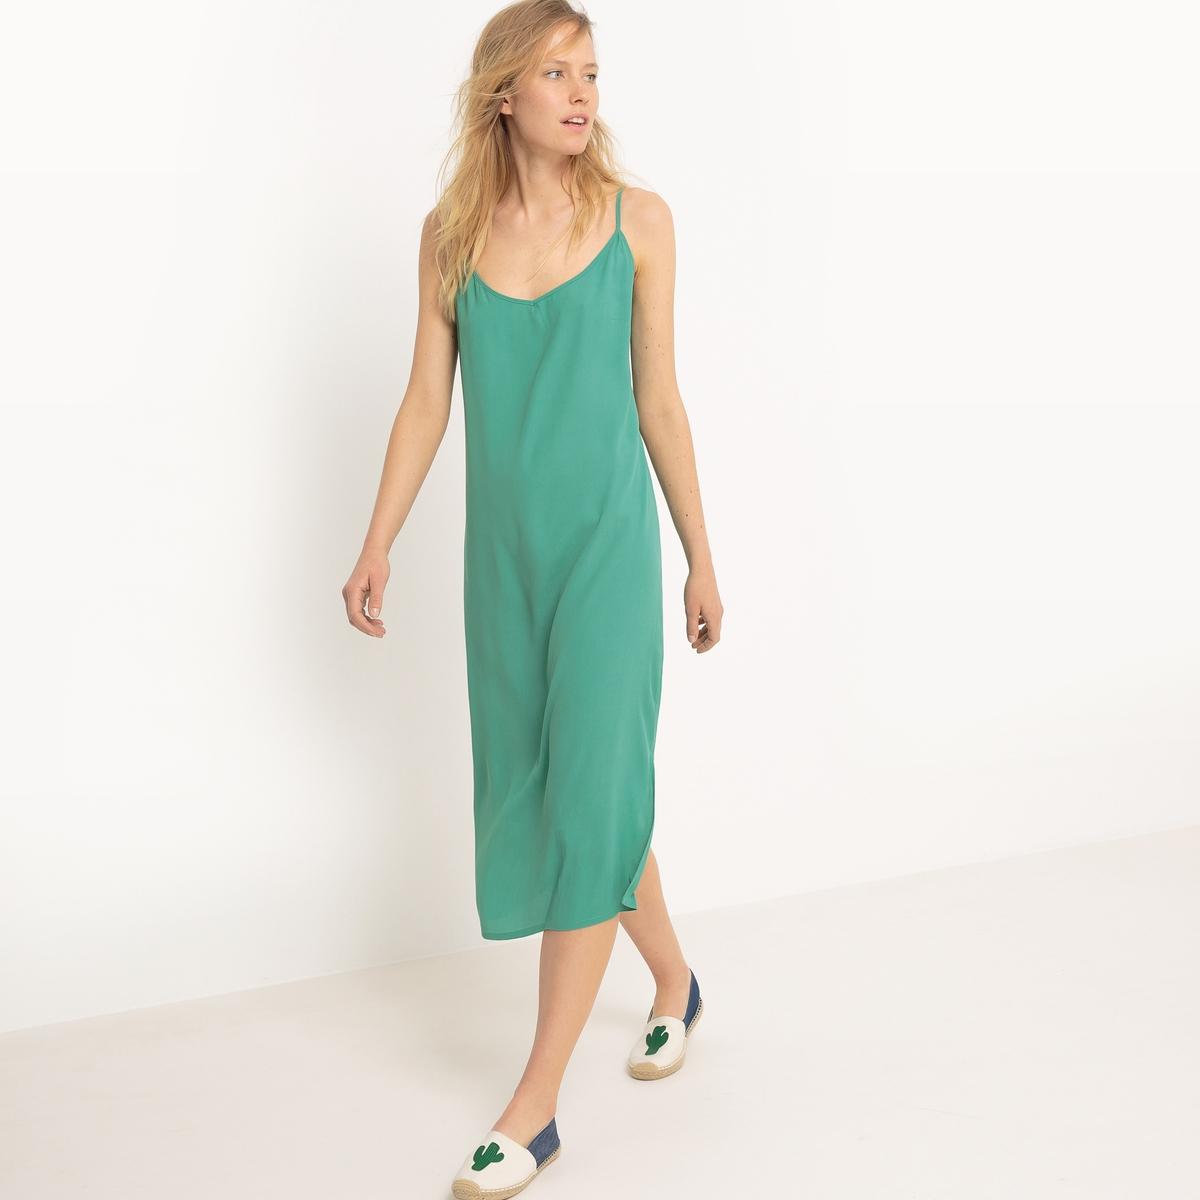 Платье длинное с тонкими бретелями из крепа, 100% вискозаМатериал : 100% вискоза  Длина рукава : тонкие бретели  Форма воротника : V-образный вырез Покрой платья : длинное платье Рисунок : однотонная модель  Особенность платья : глубокий вырез сзади Длина платья : длинное Стирка : машинная стирка при 30 °С в деликатном режиме Уход : гладить при средней температуре / не отбеливать Машинная сушка : запрещена Глажка : сухая чистка запрещена<br><br>Цвет: зеленый<br>Размер: 34 (FR) - 40 (RUS)